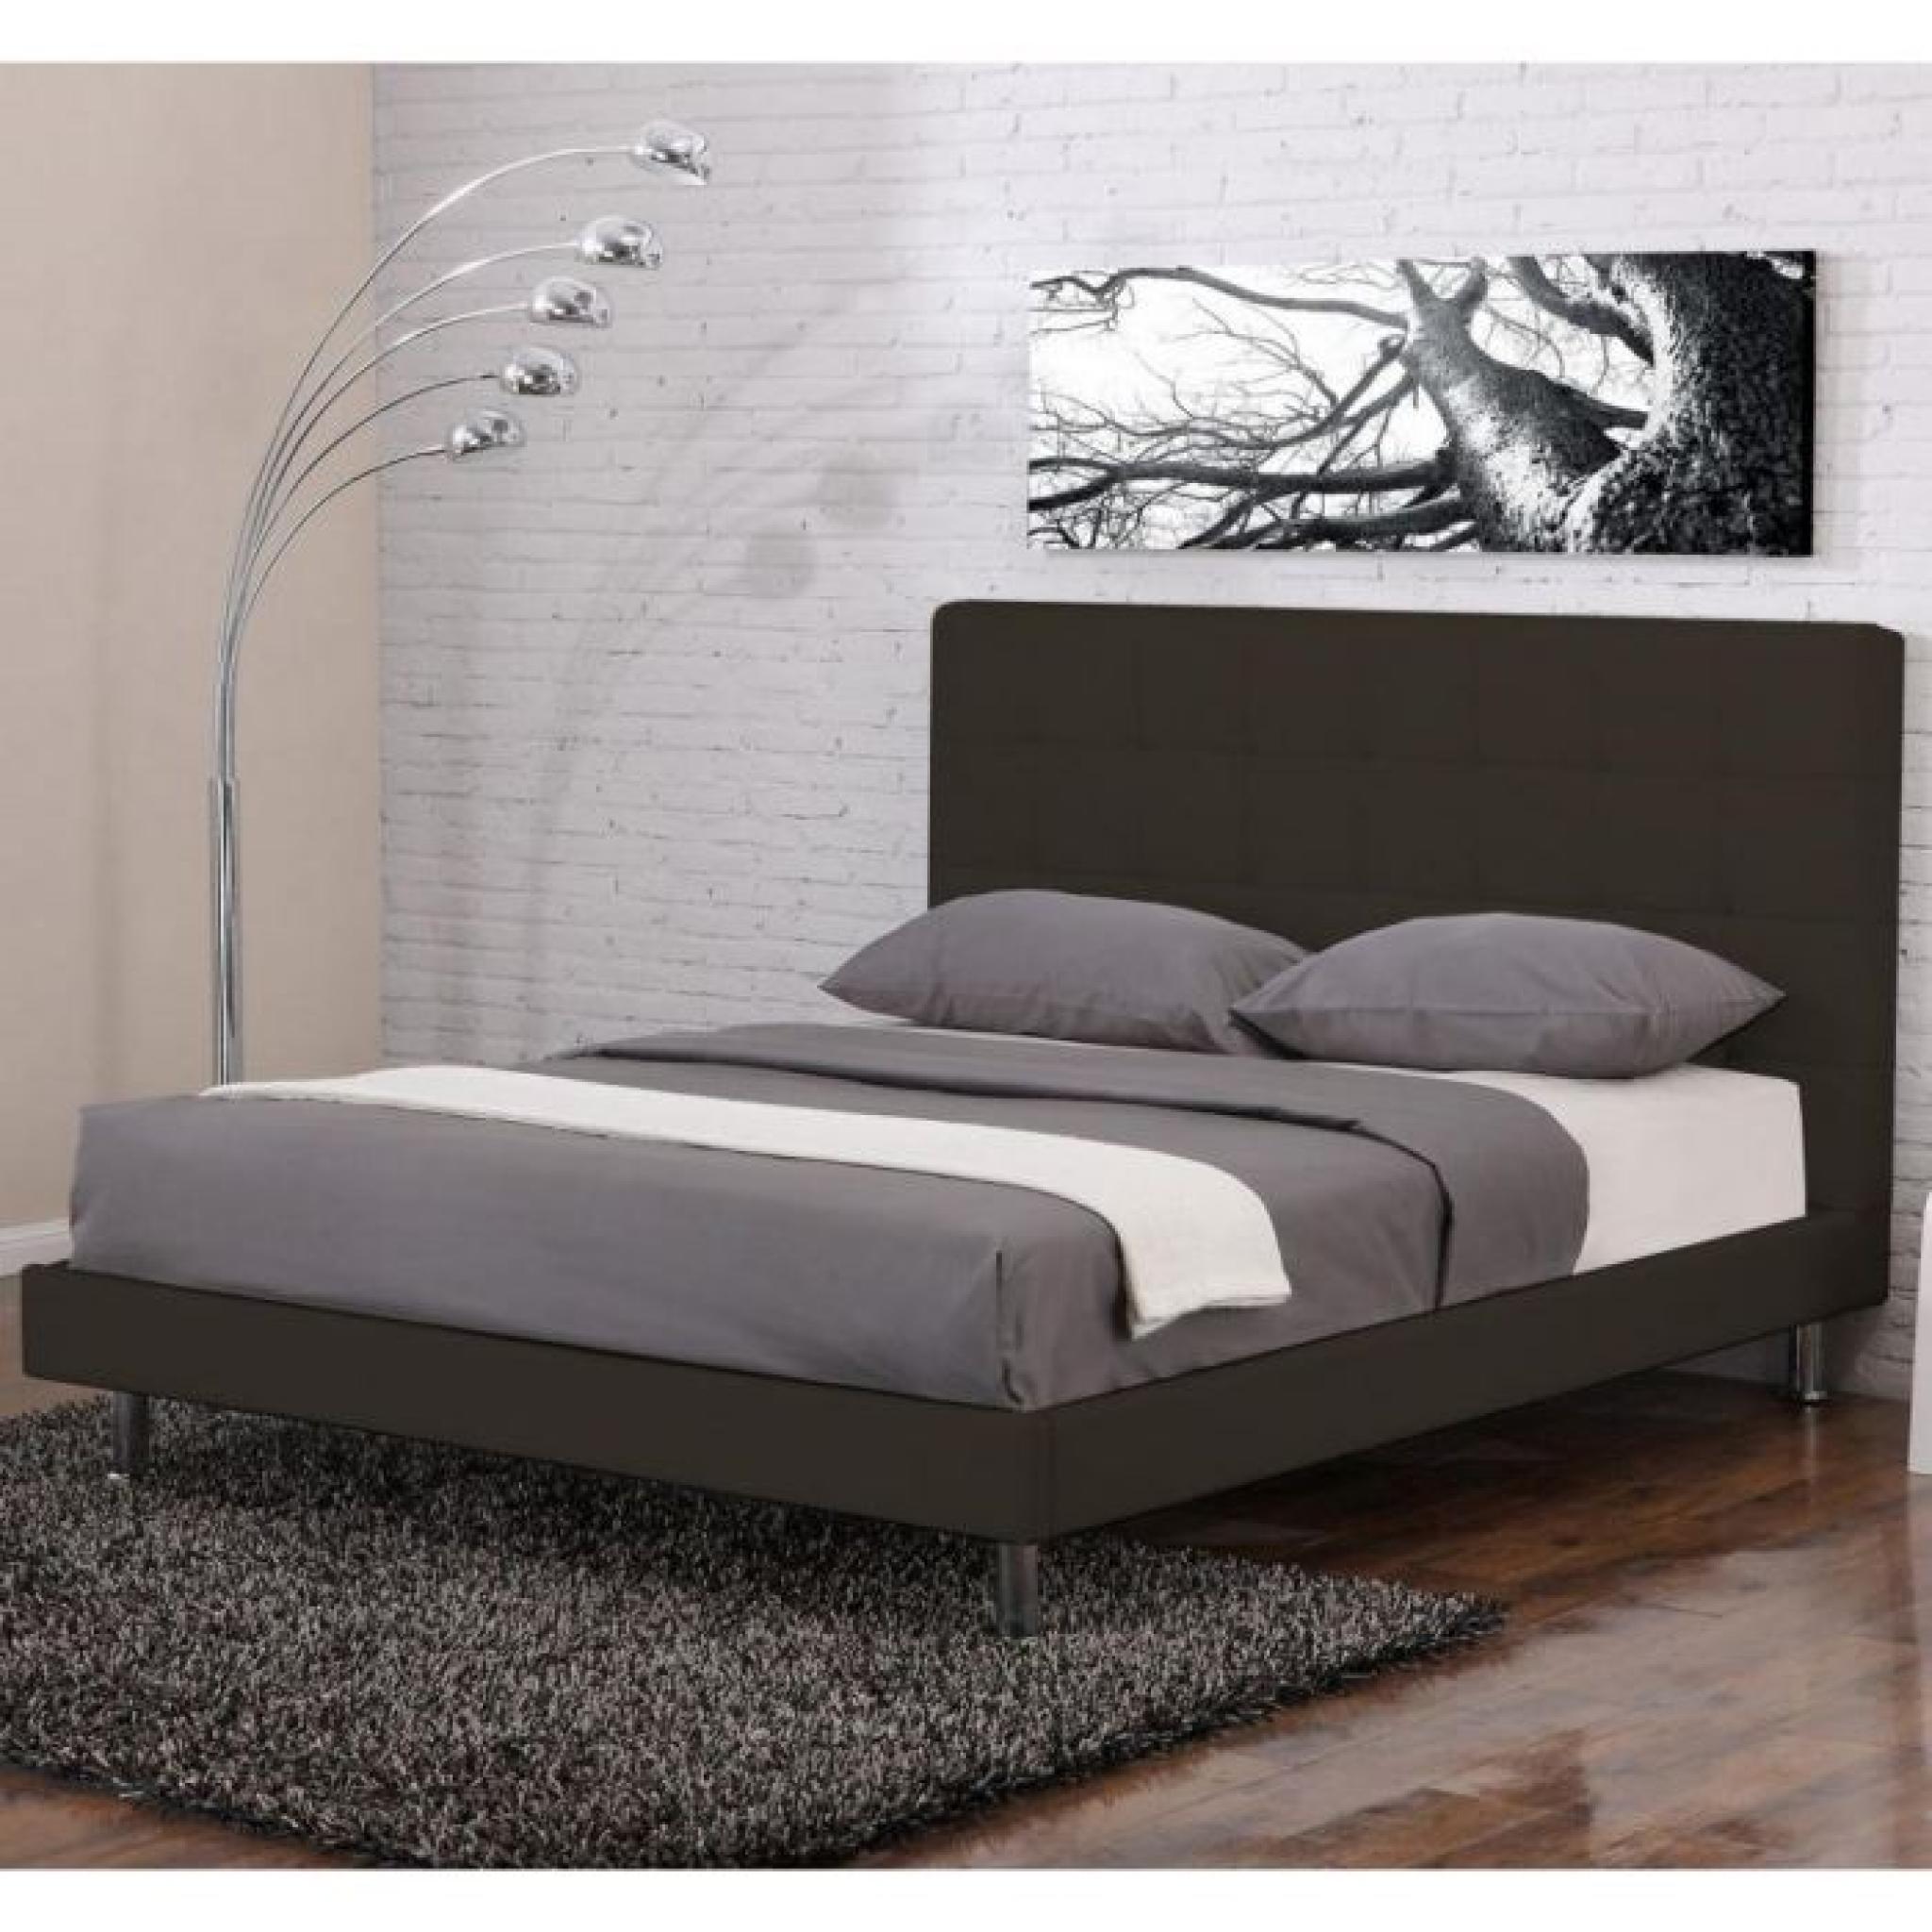 lit design milano chocolat 160x200 achat vente lit pas cher couleur et. Black Bedroom Furniture Sets. Home Design Ideas